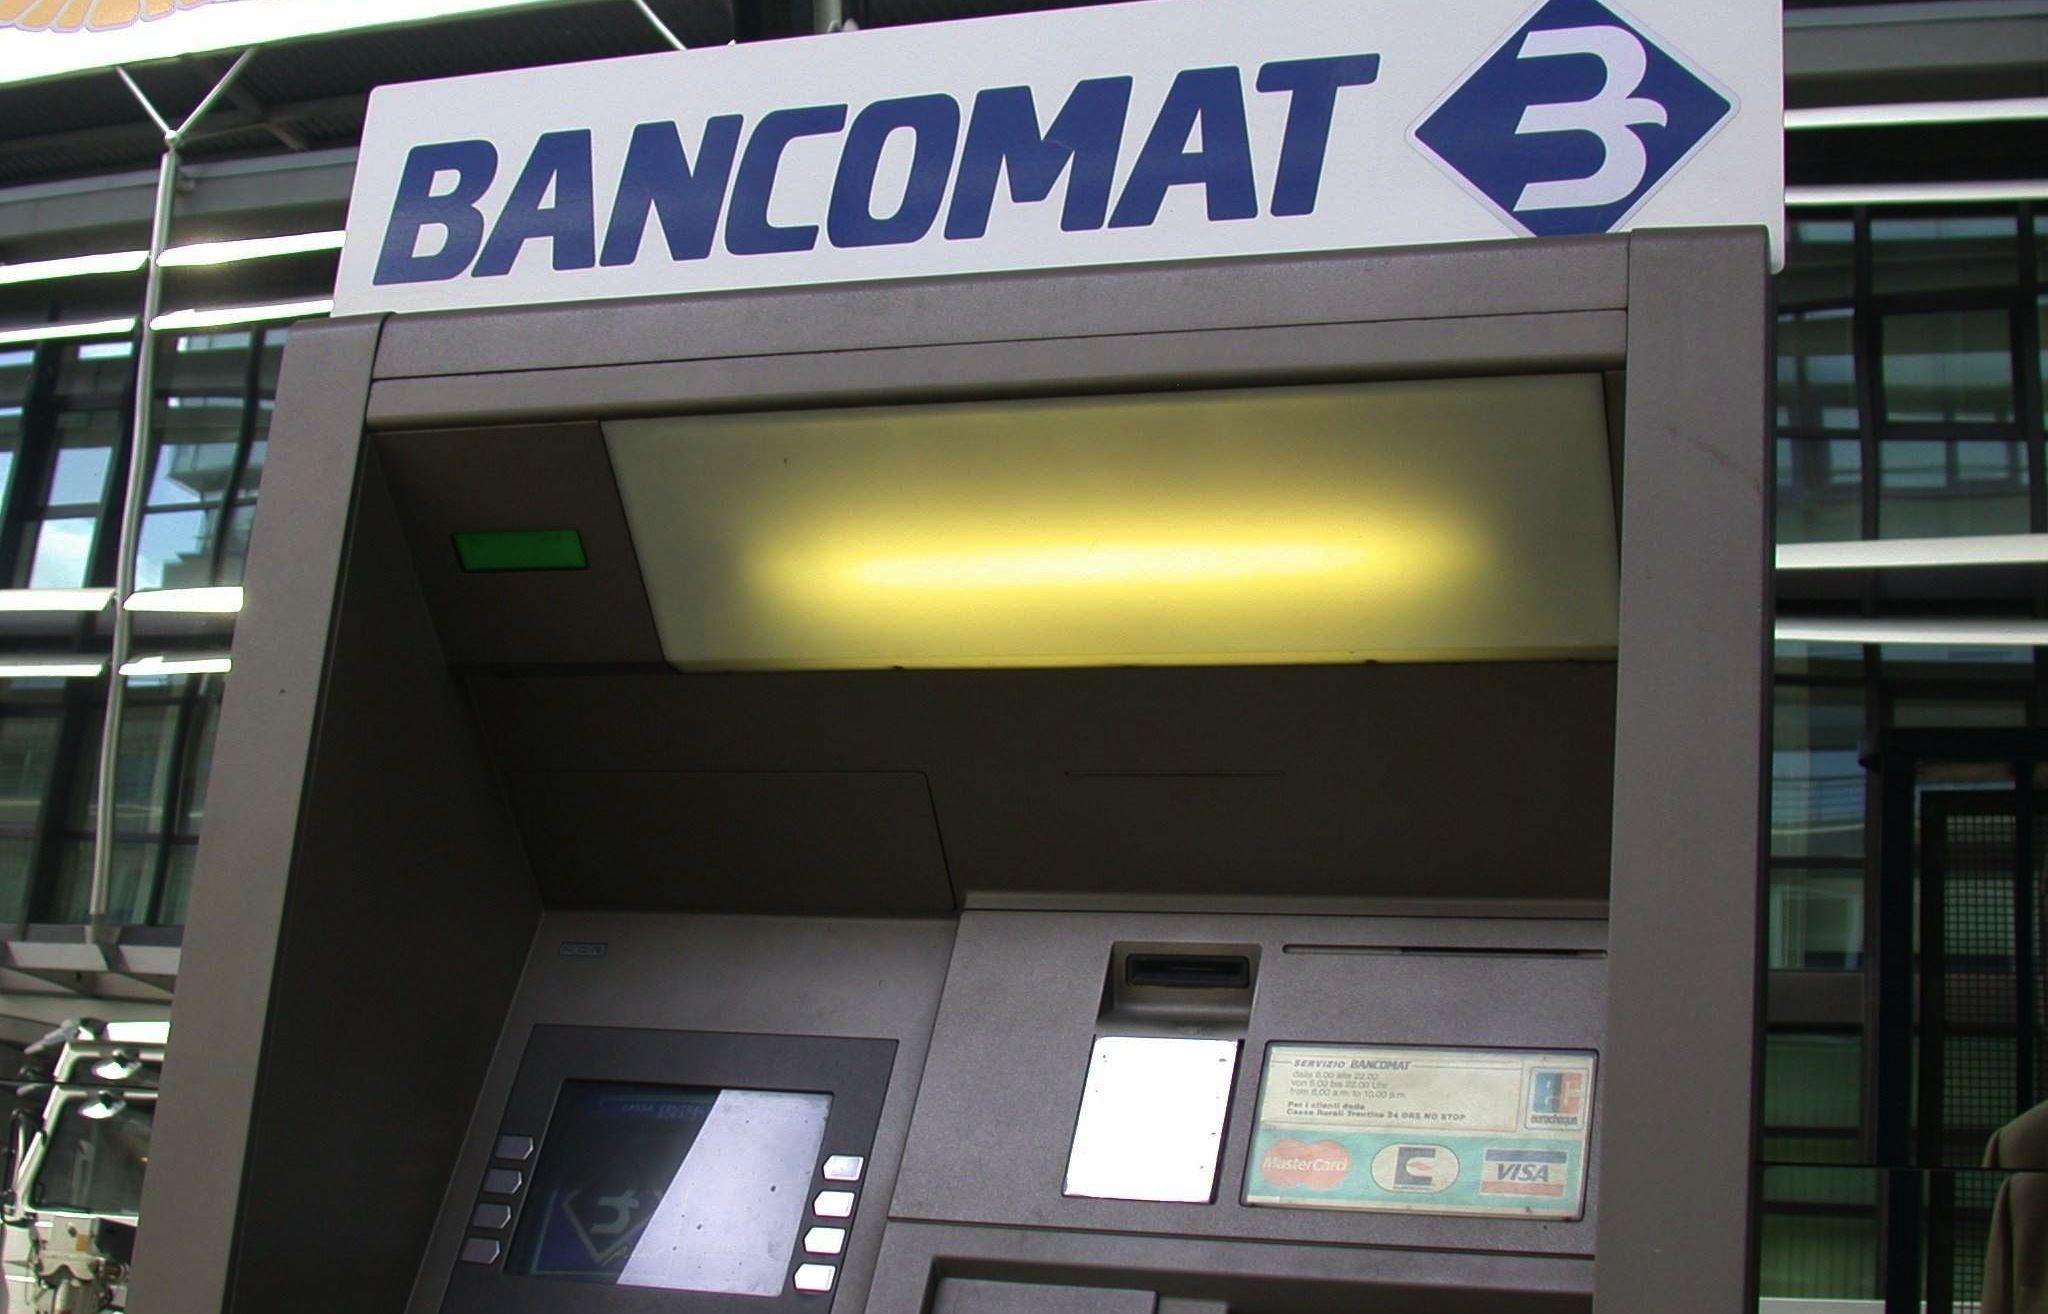 Commissioni bancomat, il Consorzio accetta la riduzione